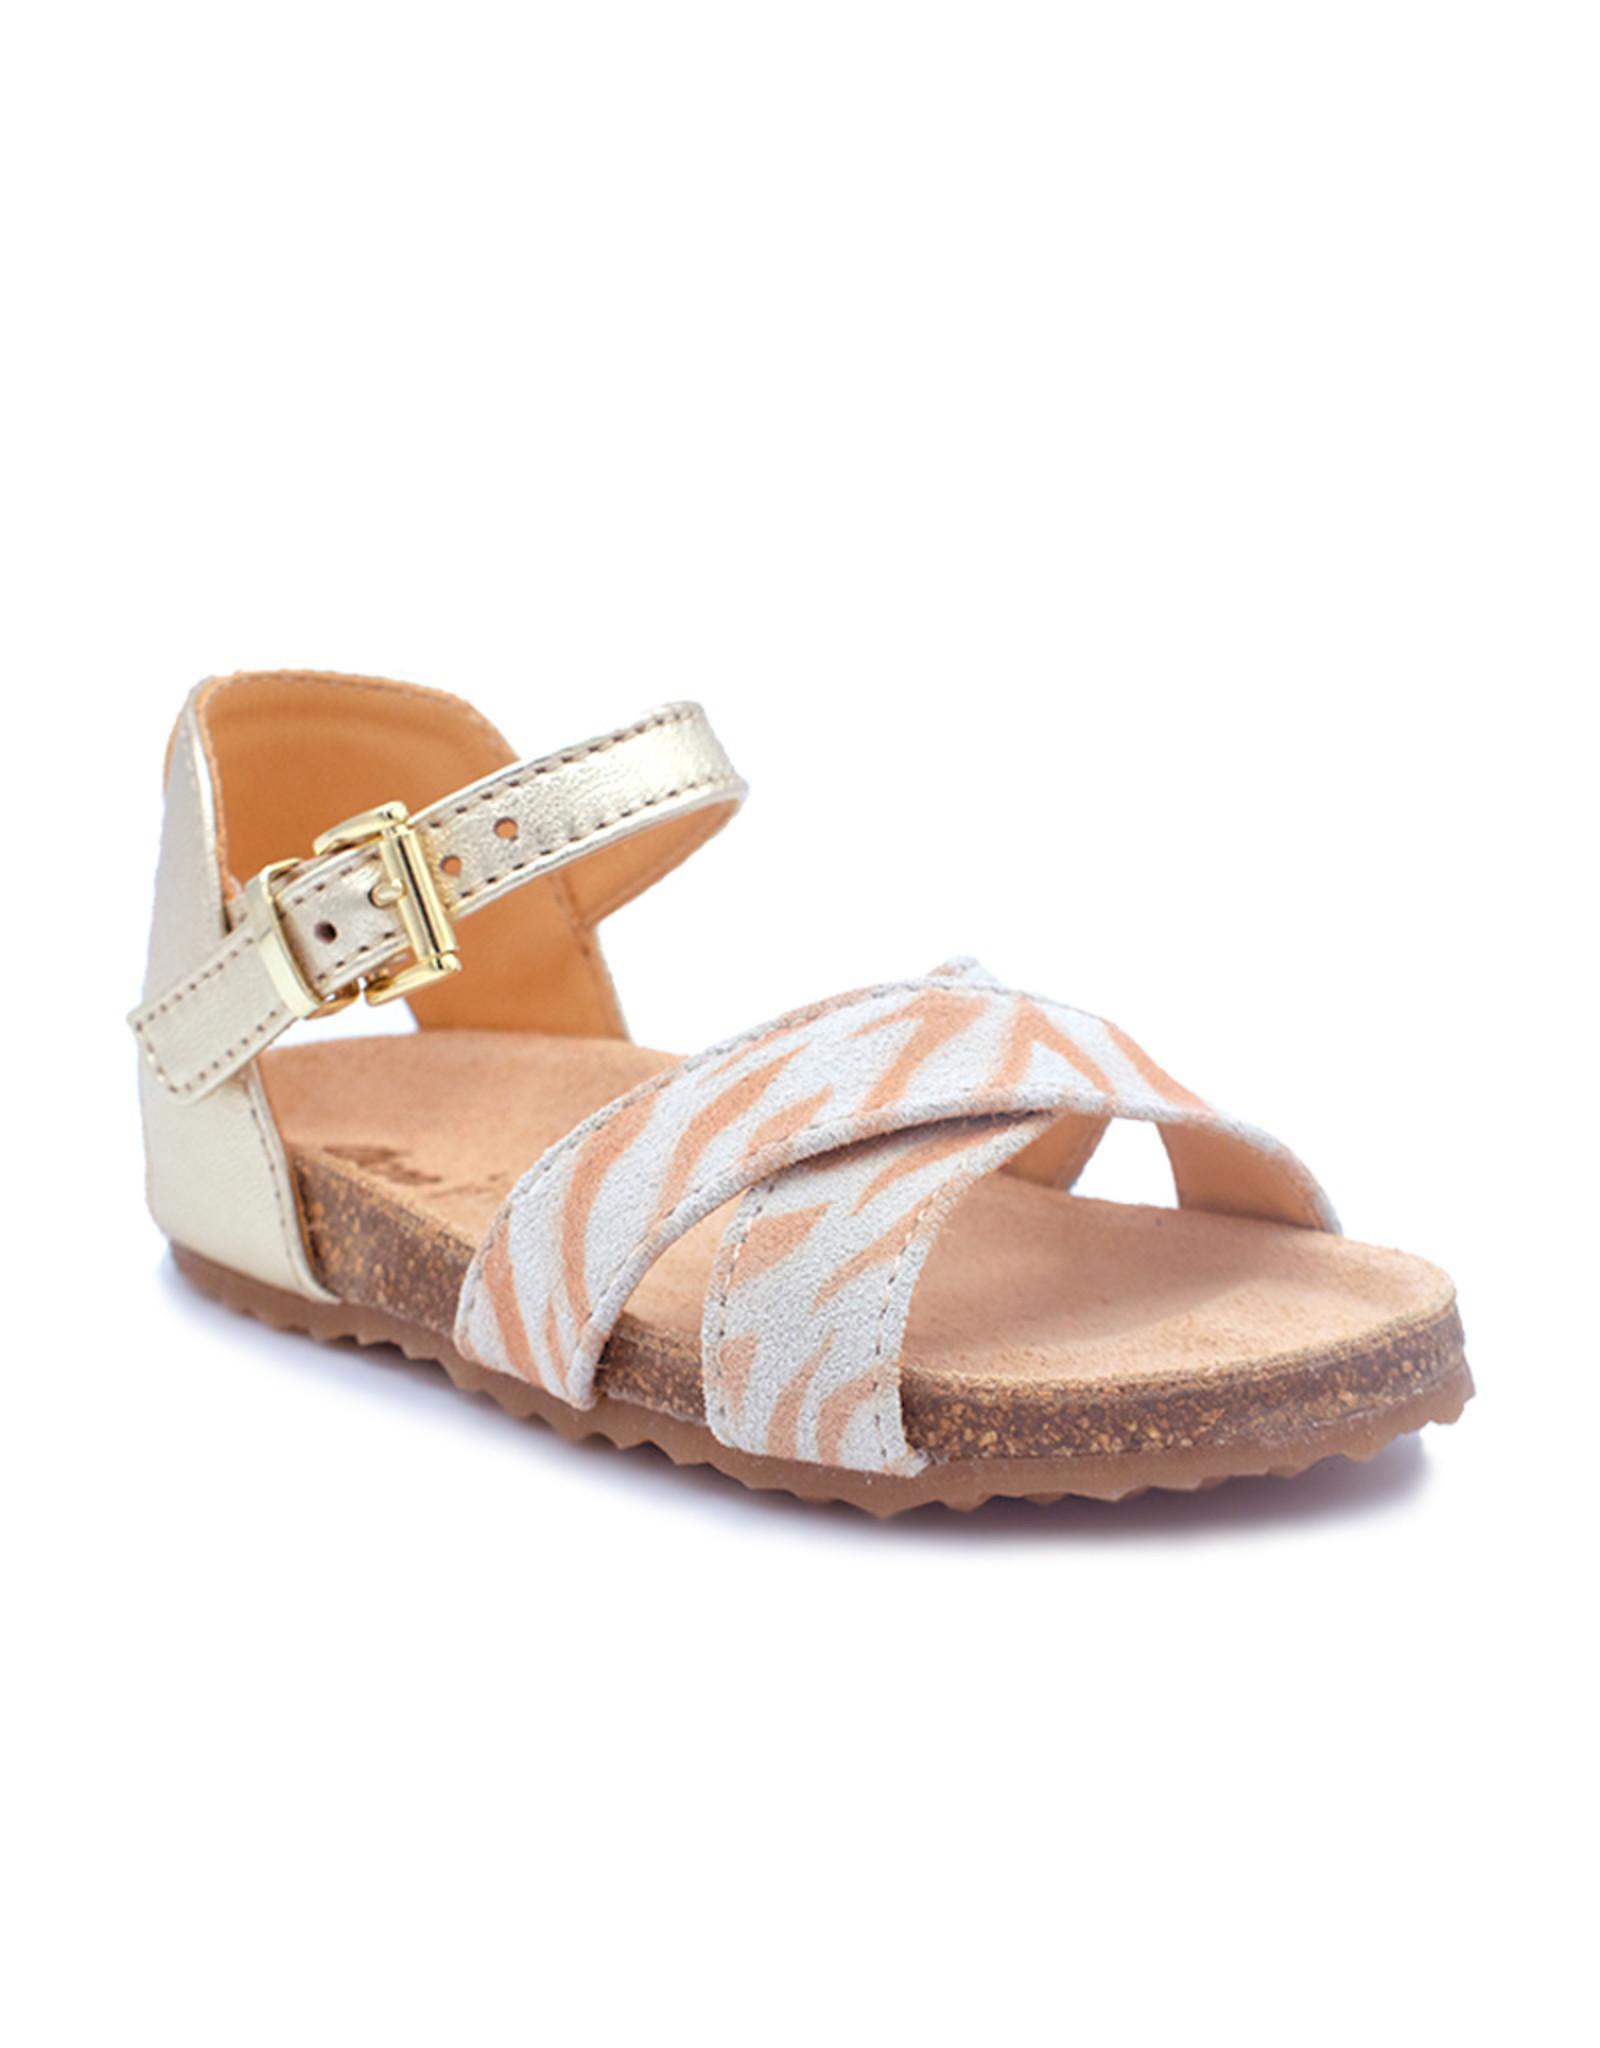 OCRA OCRA sandaal arancio